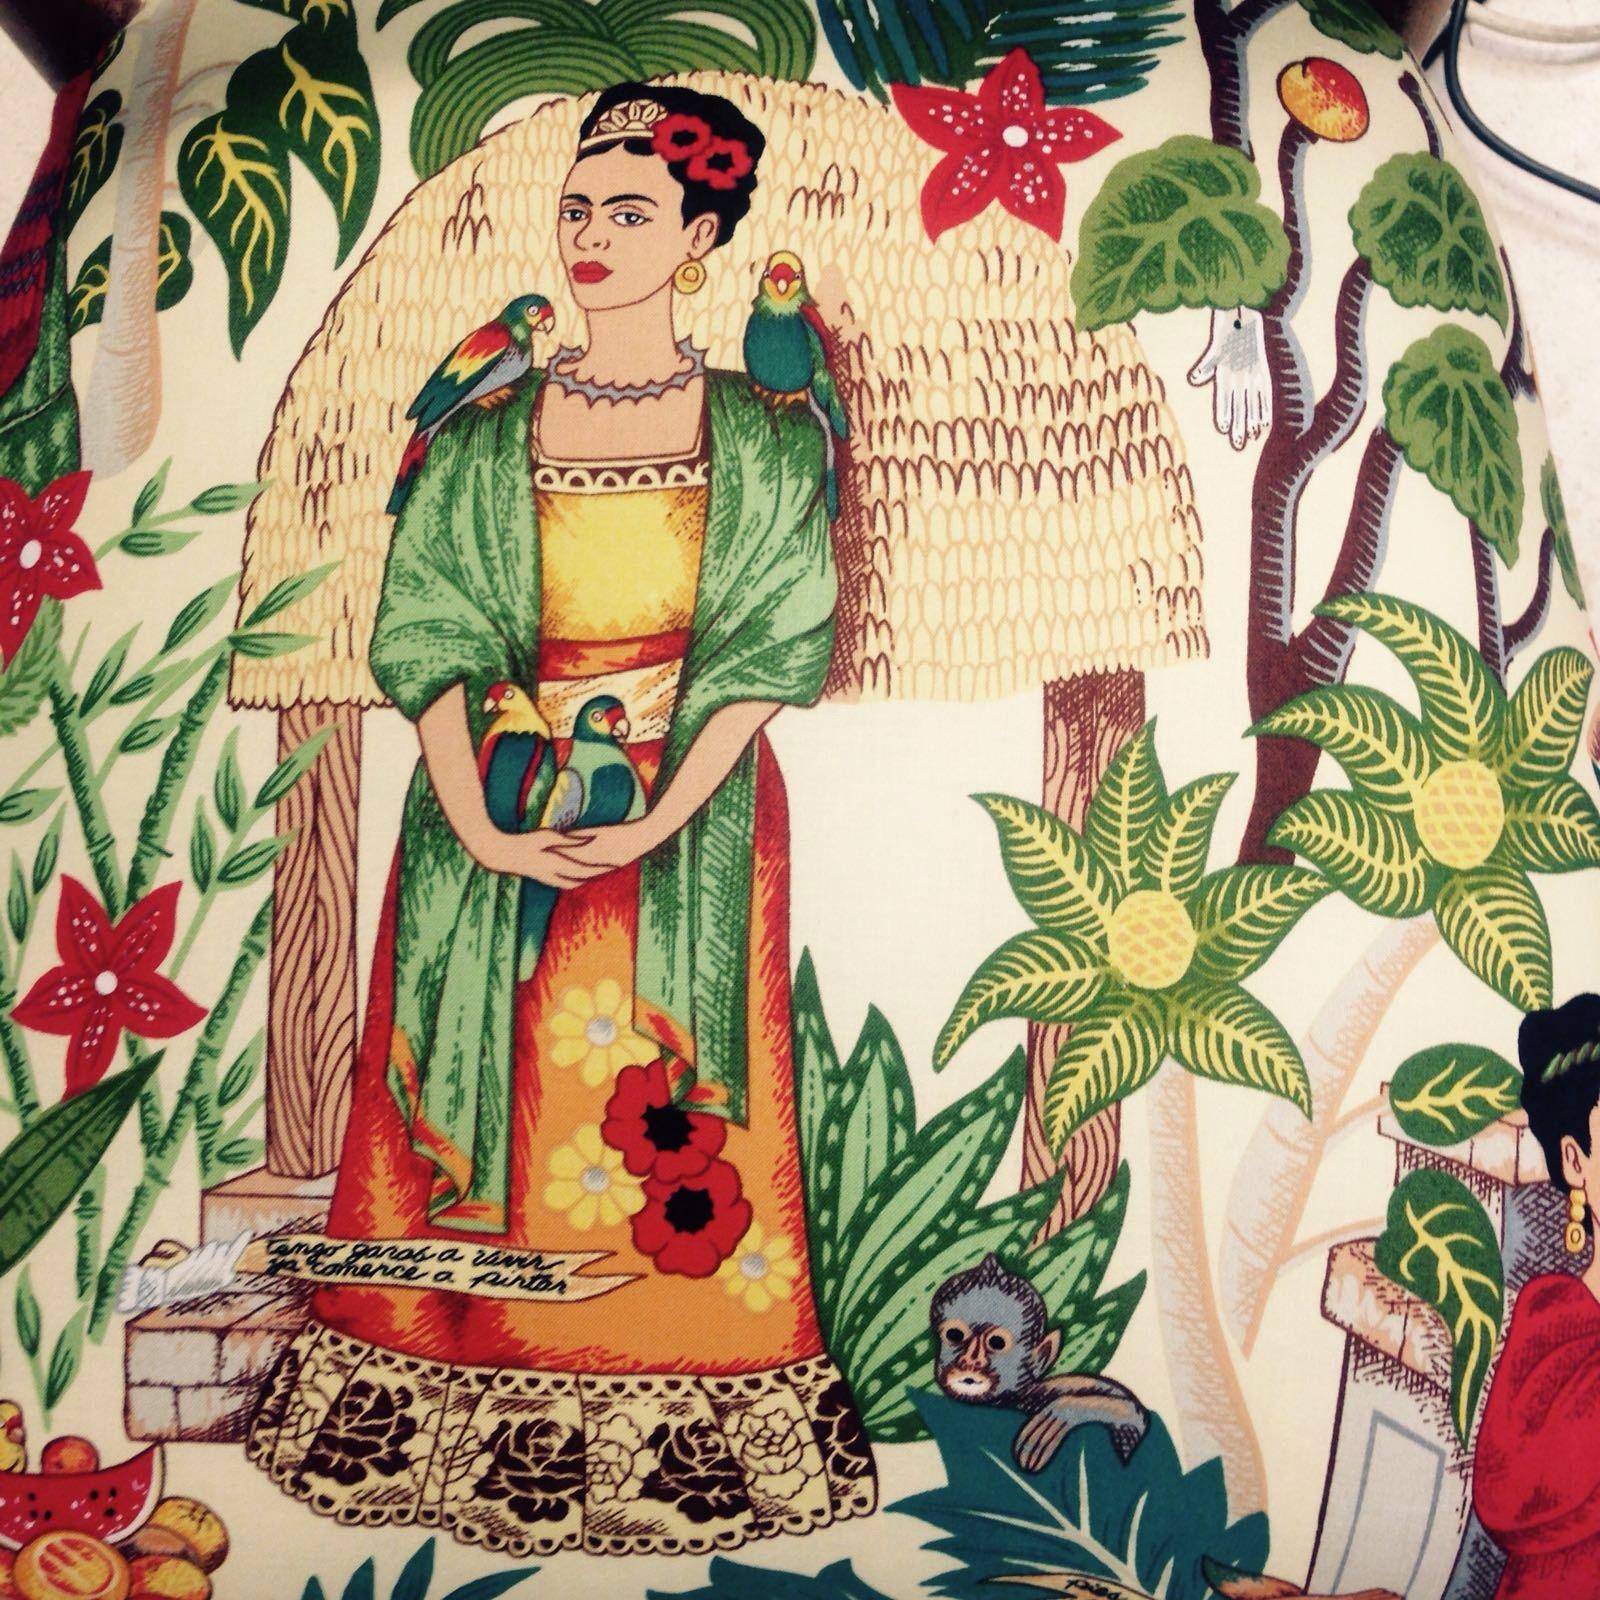 Silla a os 50 tapizada con tela de frida kahlo handbox - Telas tapiceria madrid ...